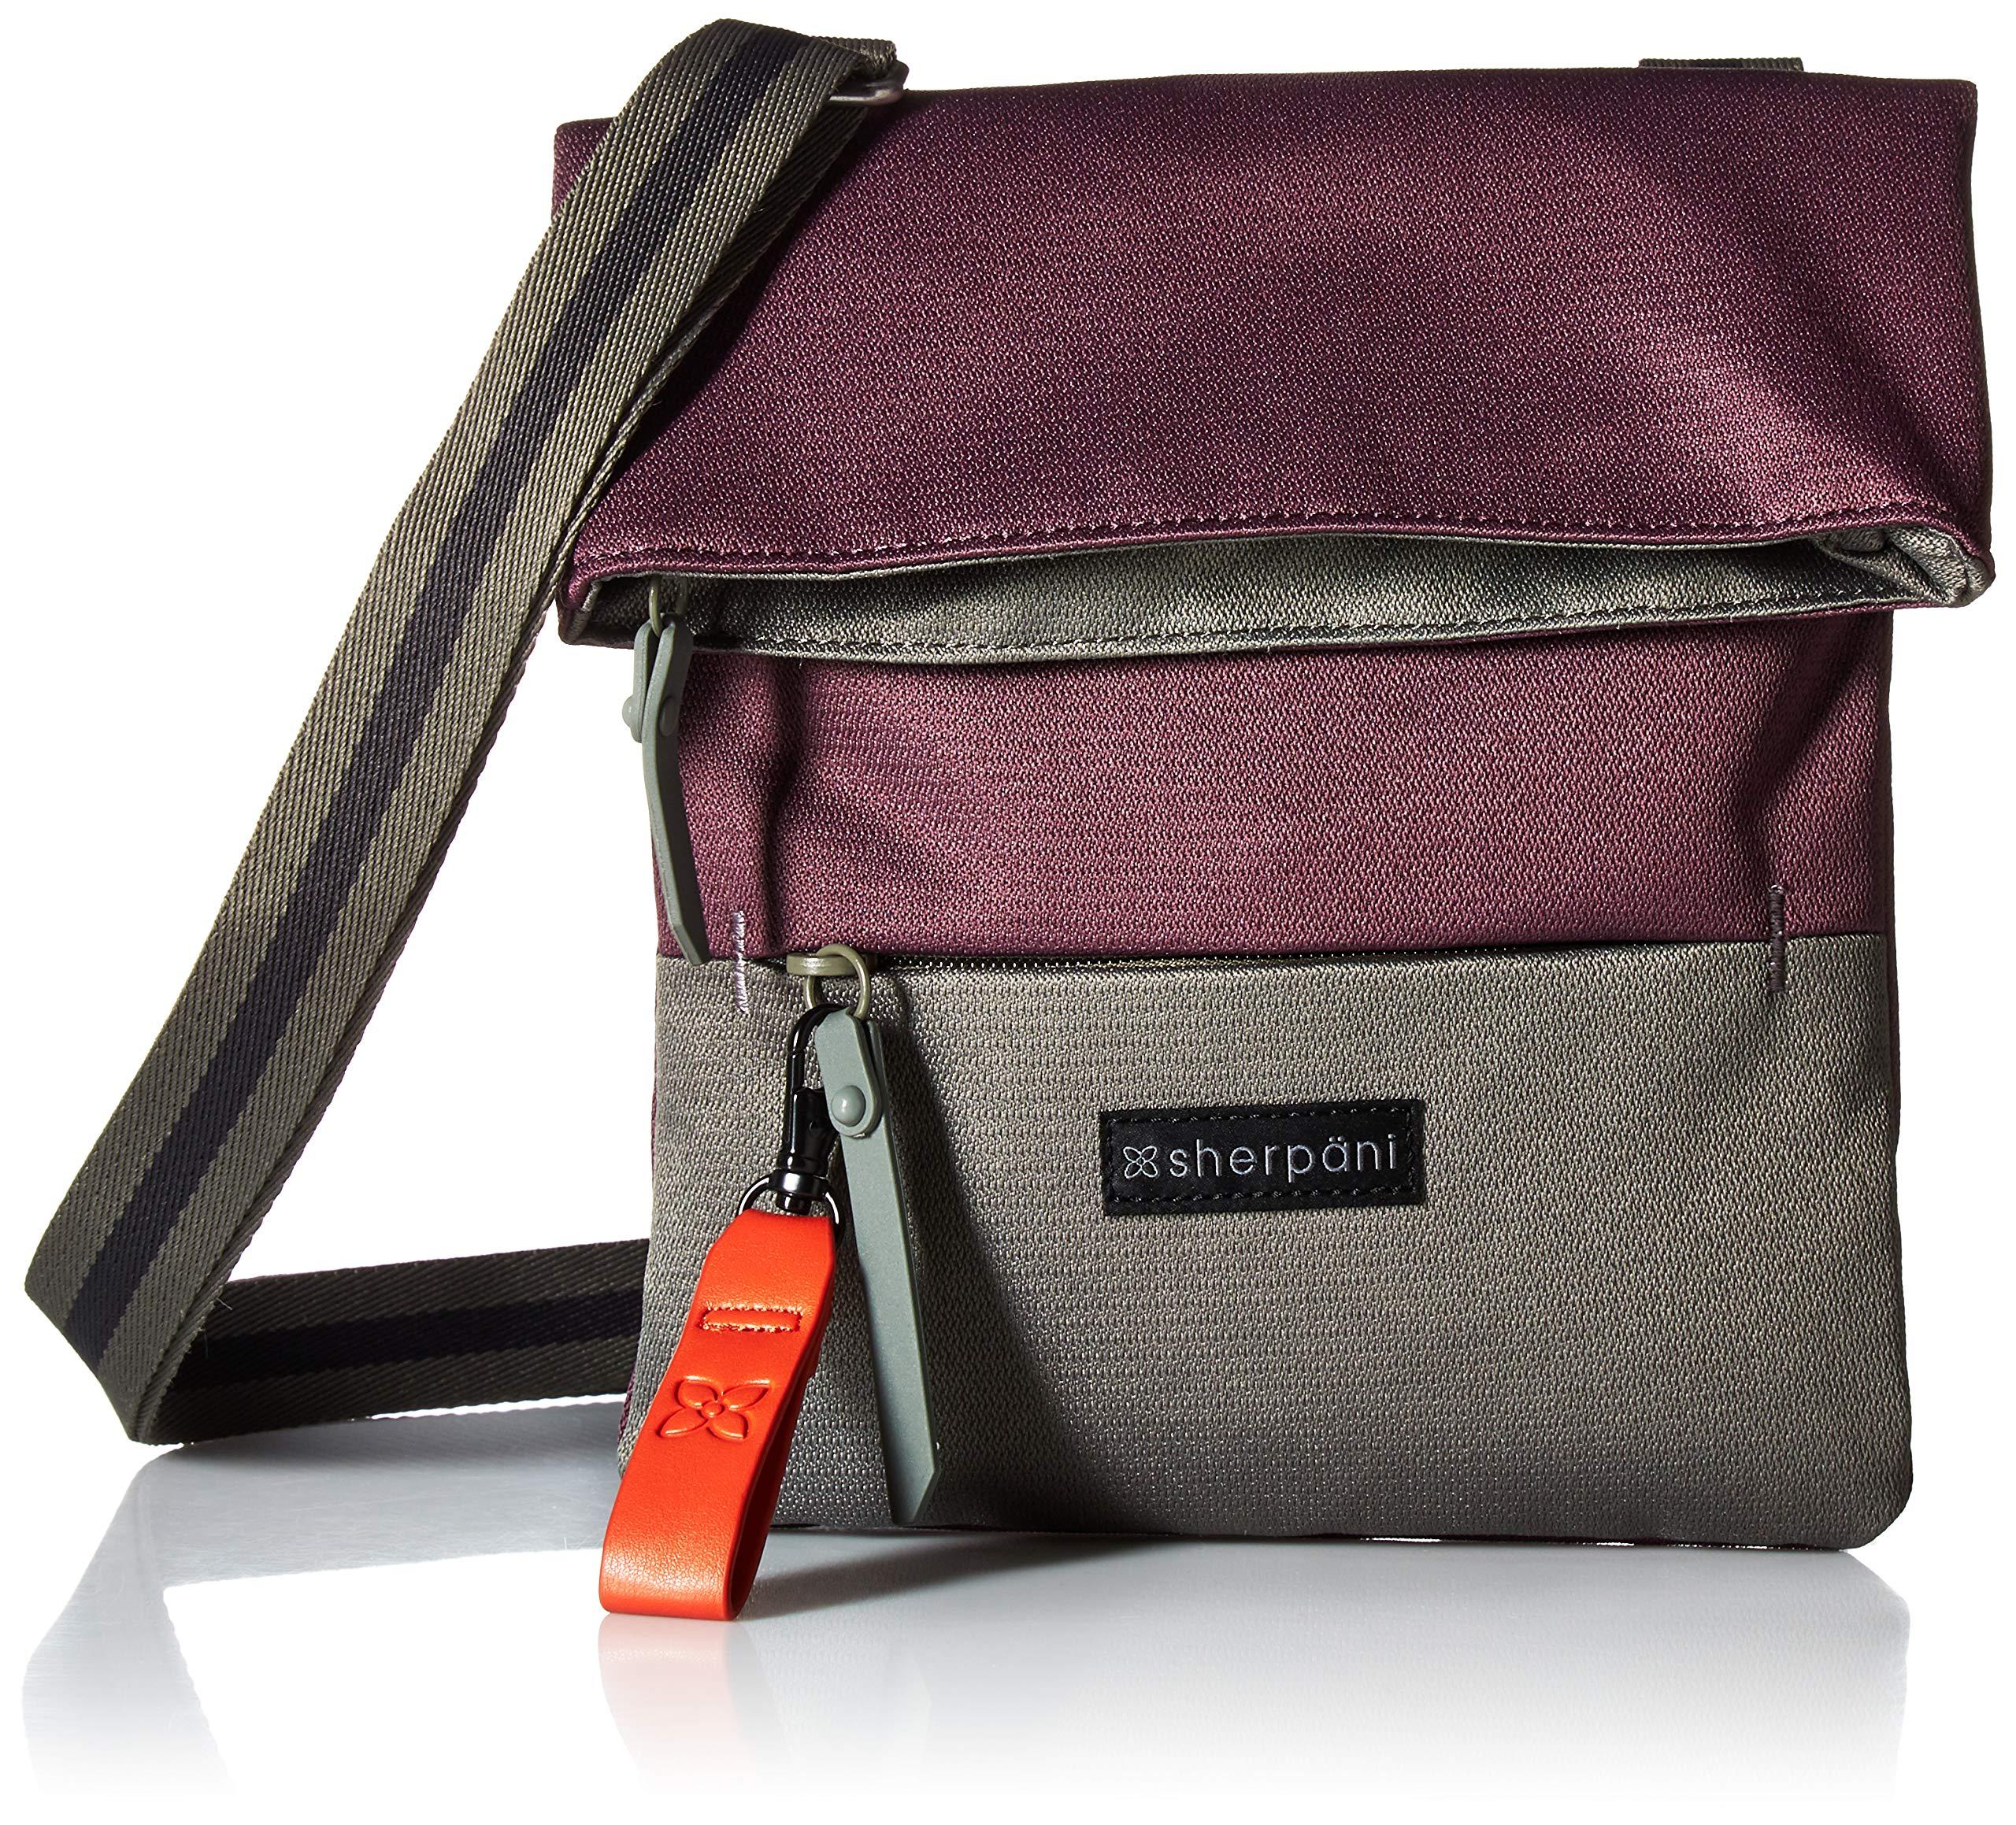 Sherpani Women's 18-pica0-02-11-0 Cross Body Bag, Dahlia/Flint, One Size